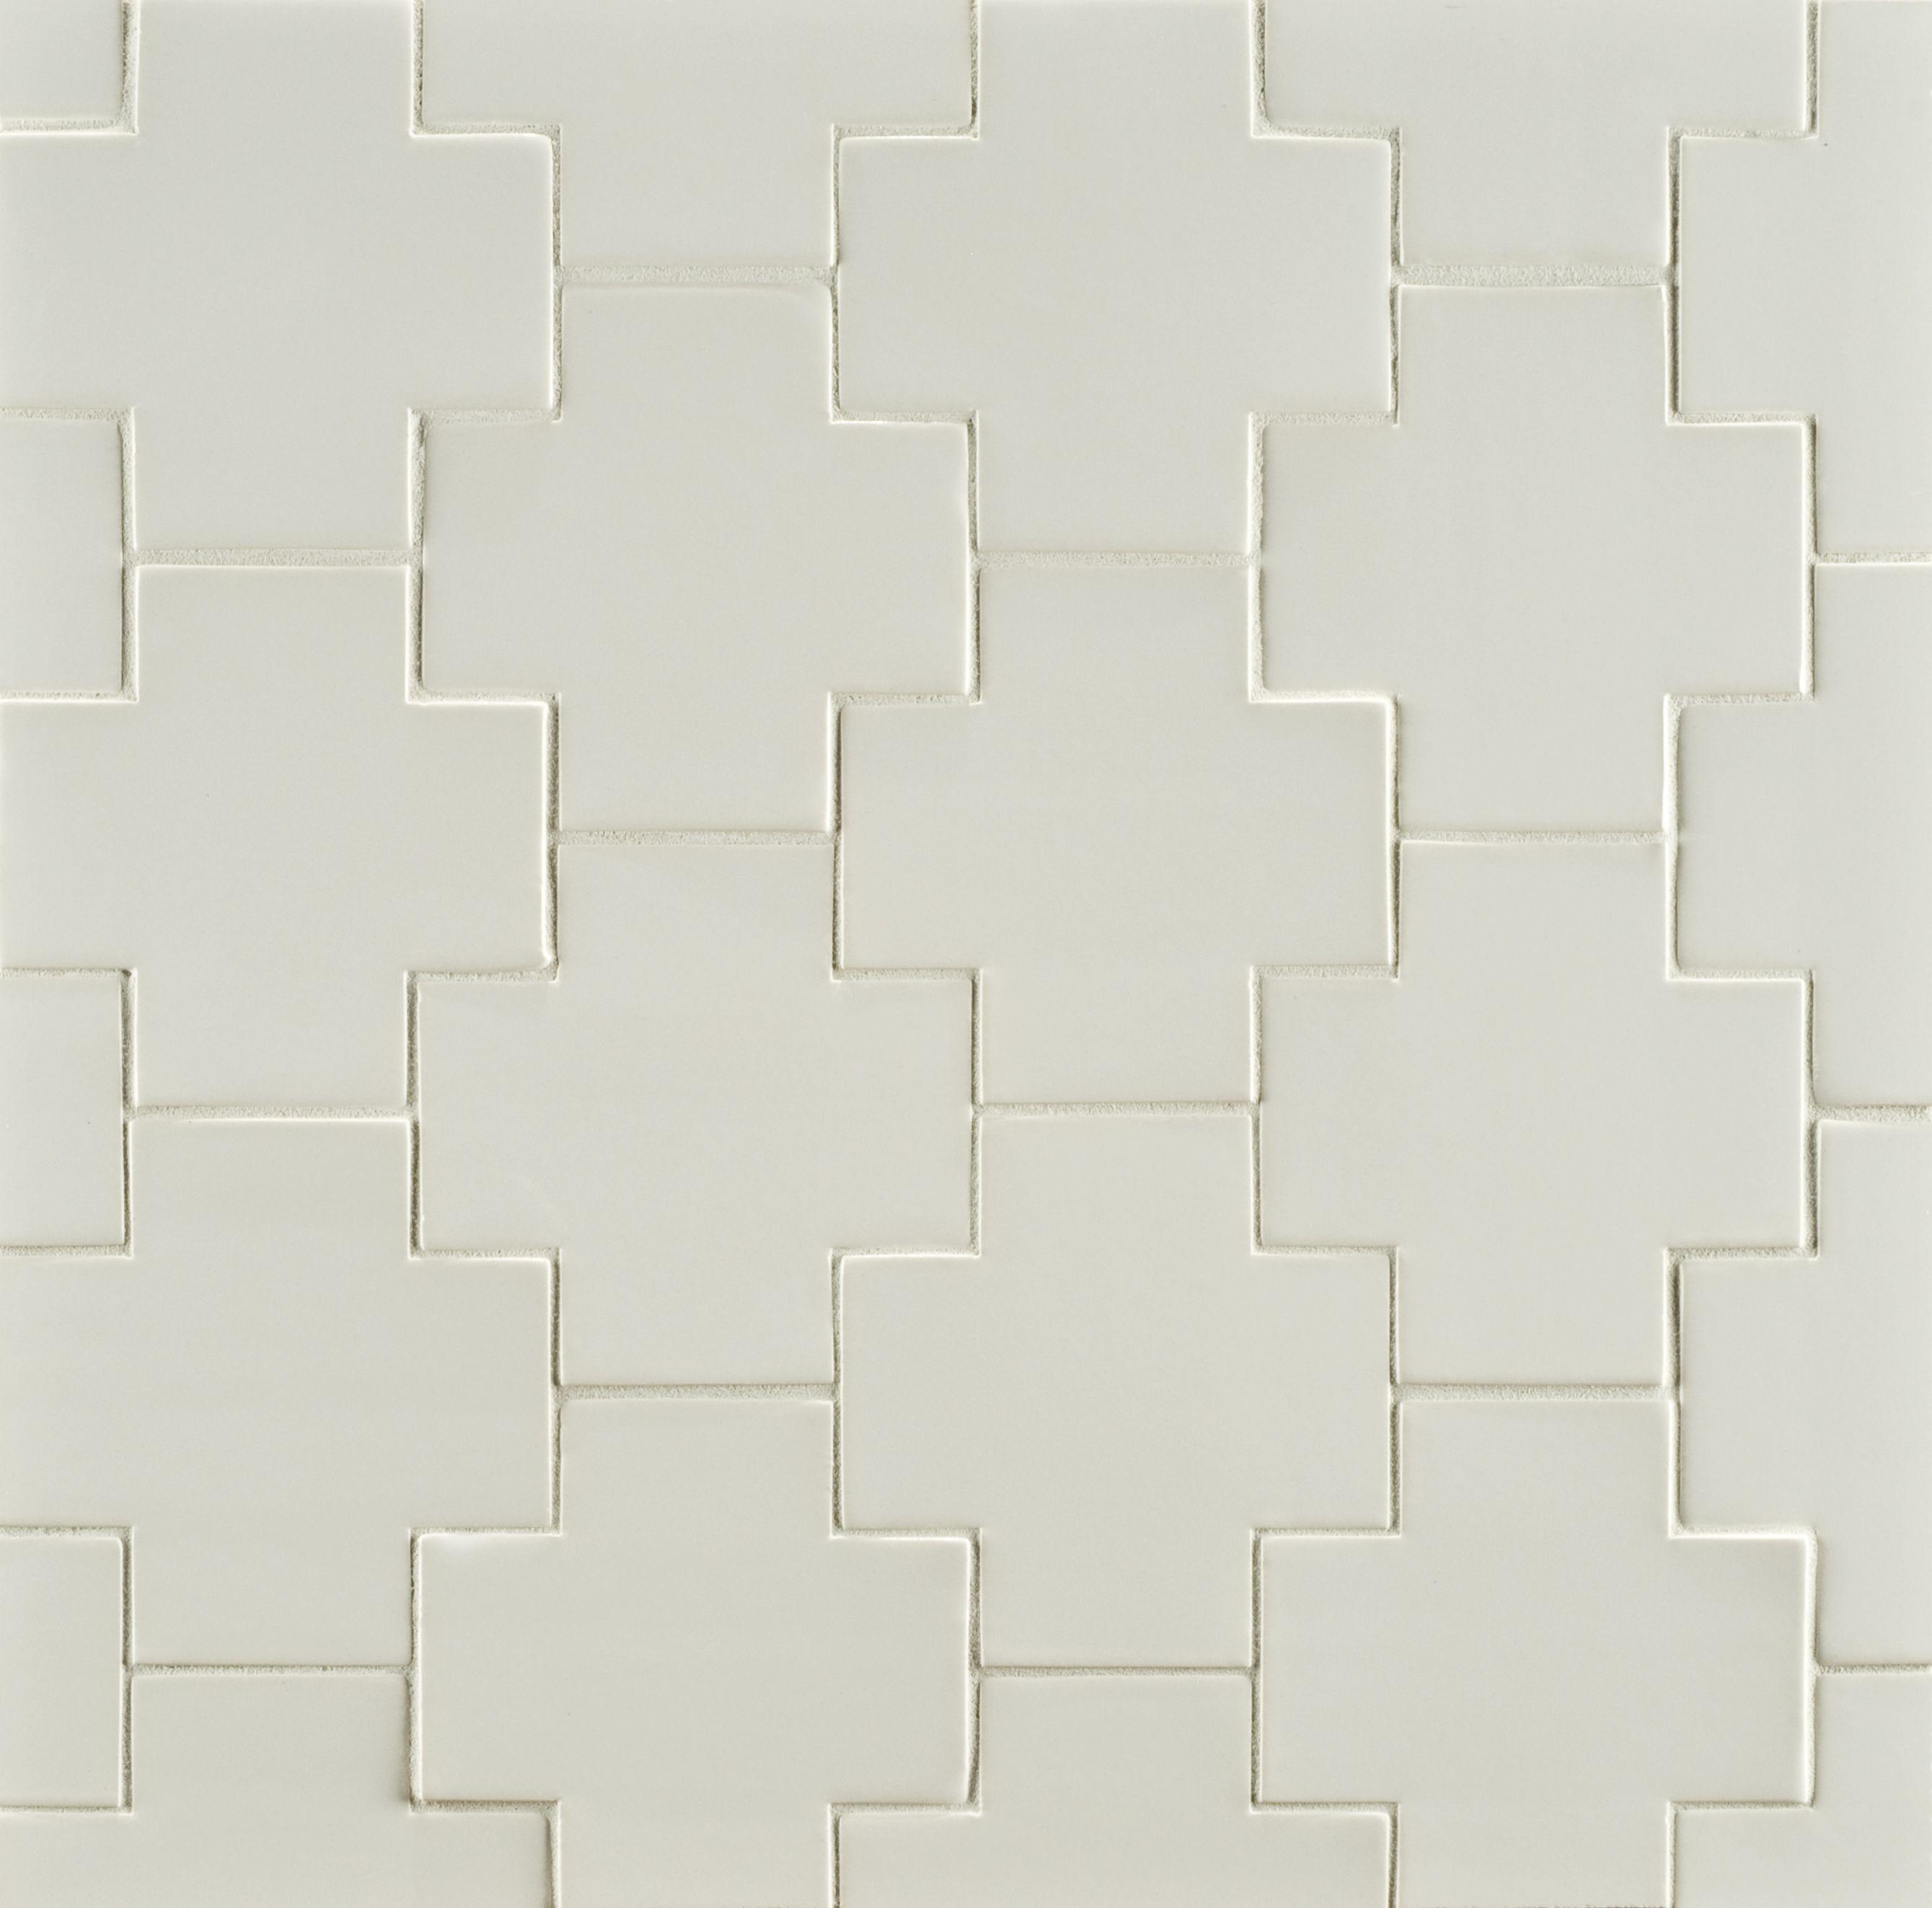 Ceramic Art Tile Gotham Ann Sacks Tile Stone Ann Sacks Tiles Ann Sacks House Tiles